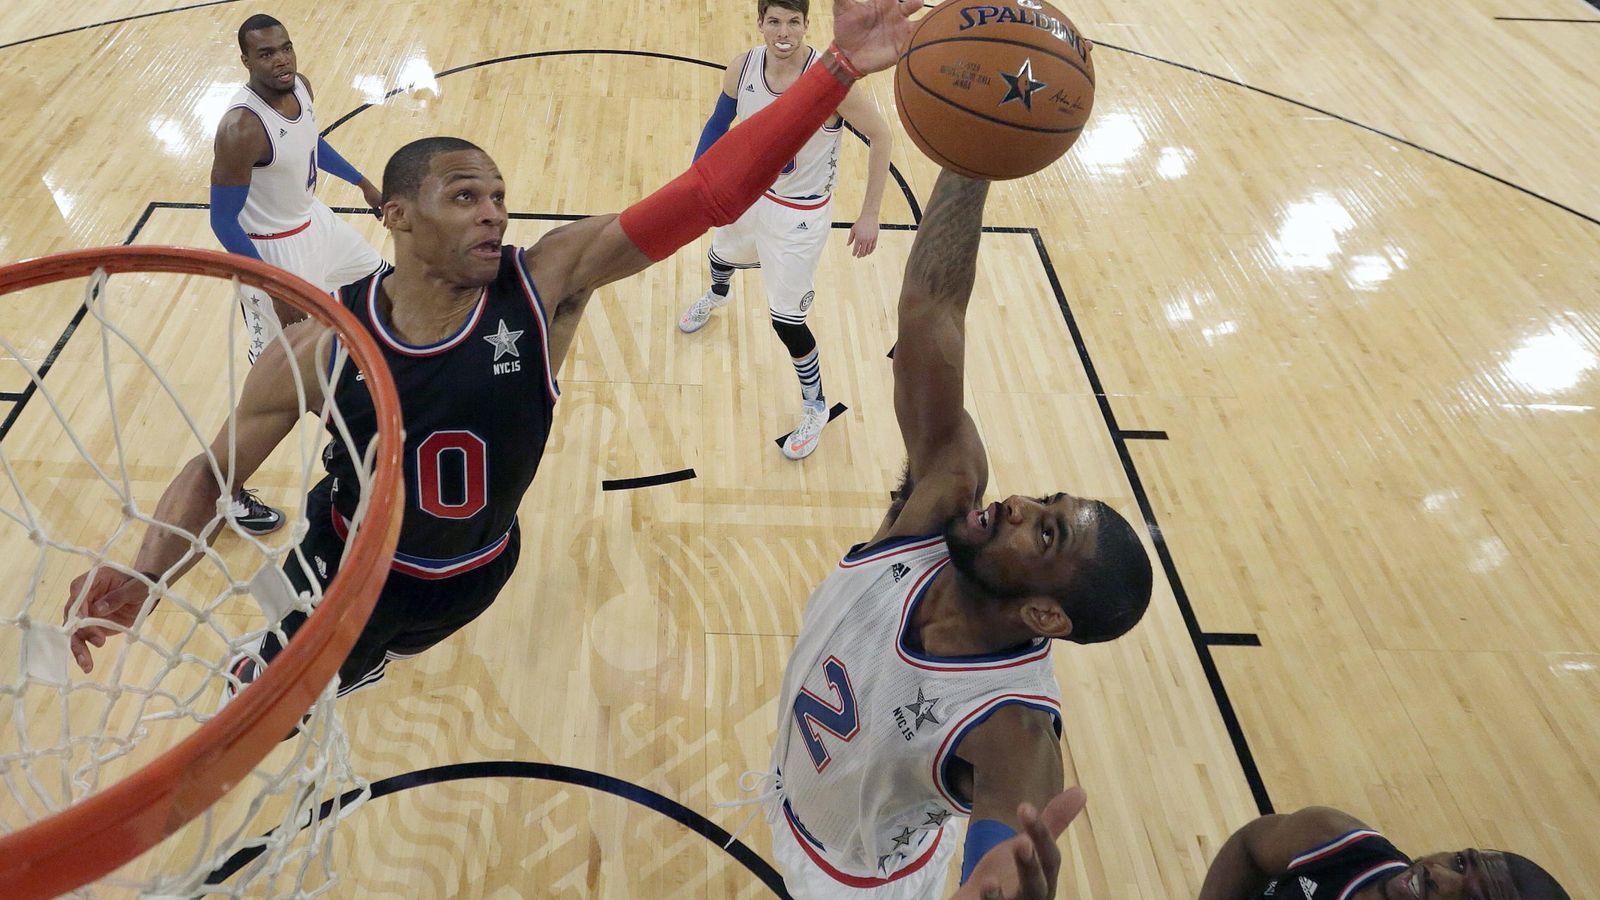 Foto: Russell Westbrook y Kyrie Irving, en el All Star de la NBA. (EFE)